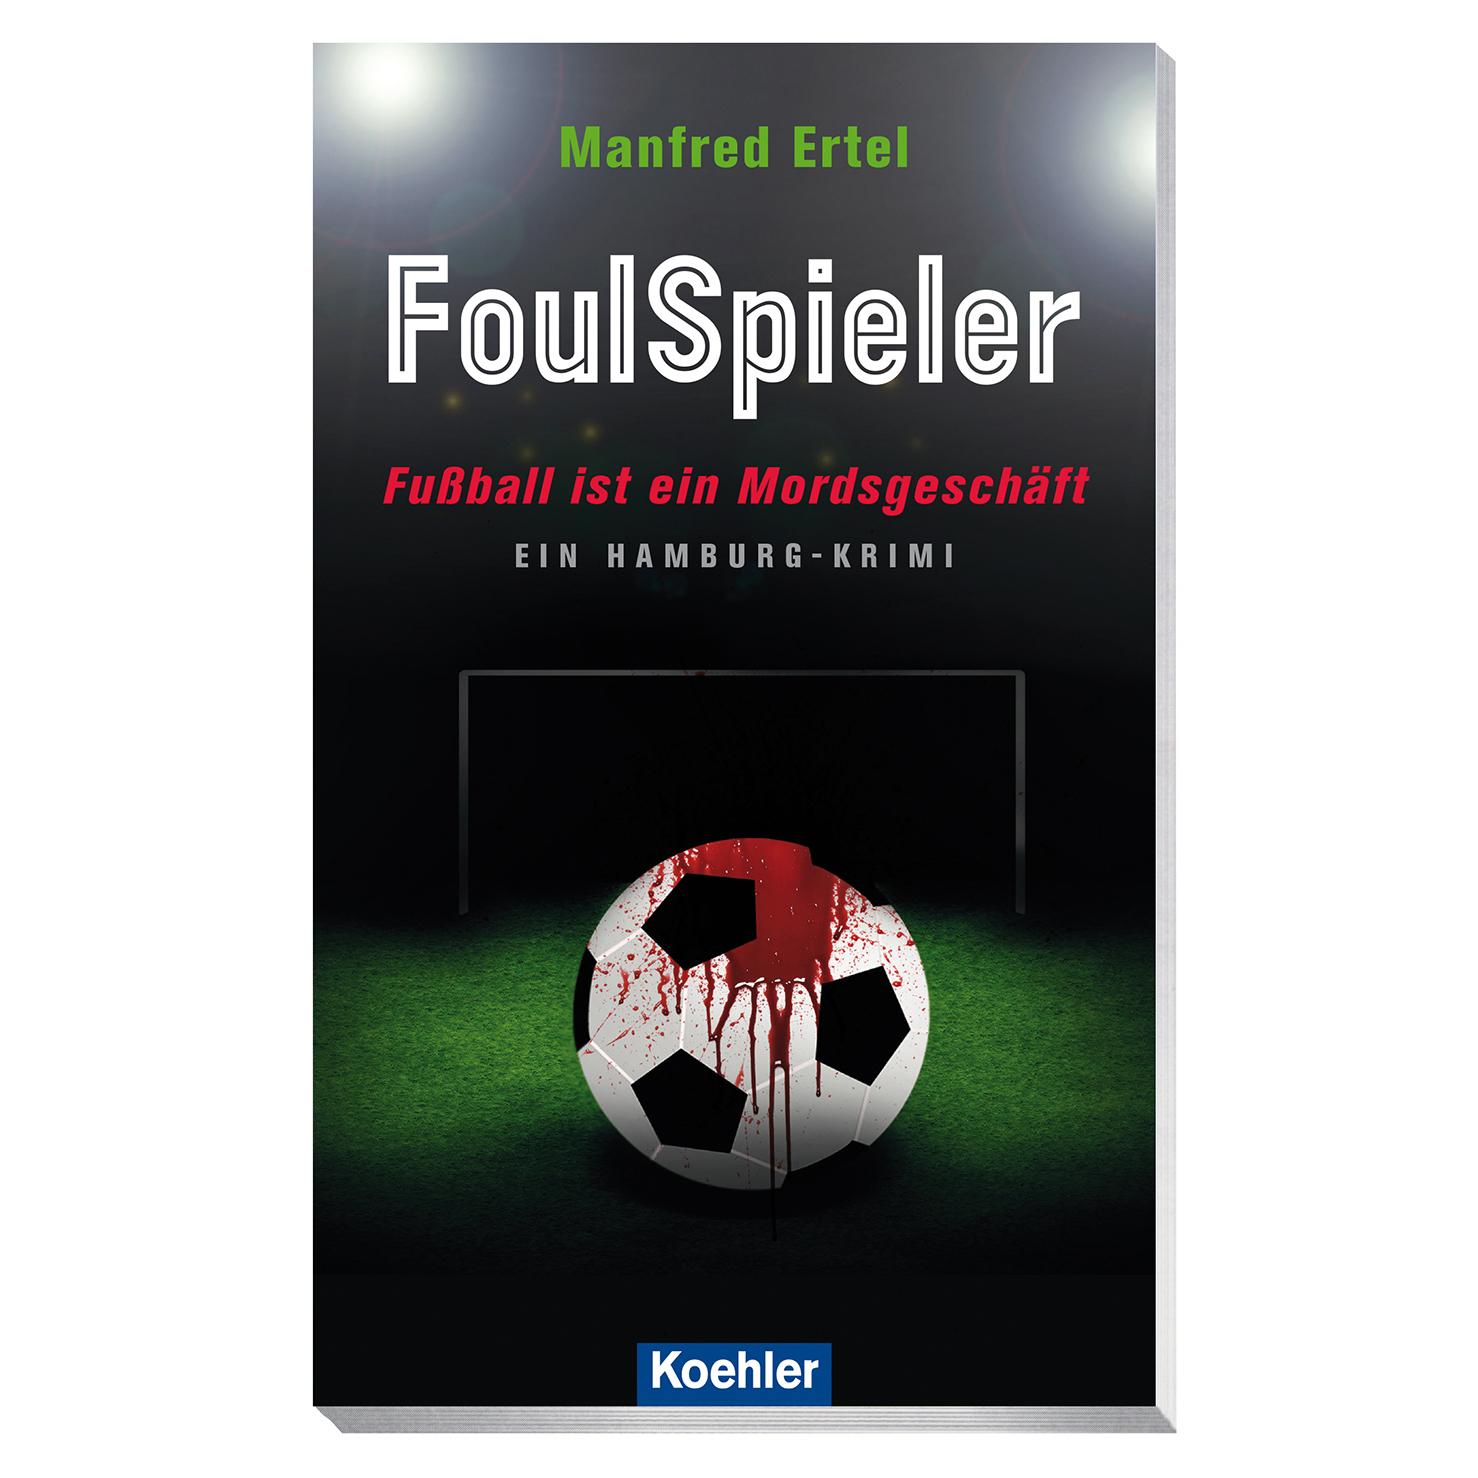 Buchrezension Foulspieler von Manfred Ertel. Der Krimi dreht sich um Spielmanipulationen im internationalem Fußball, mit viel Hamburger Einschlag